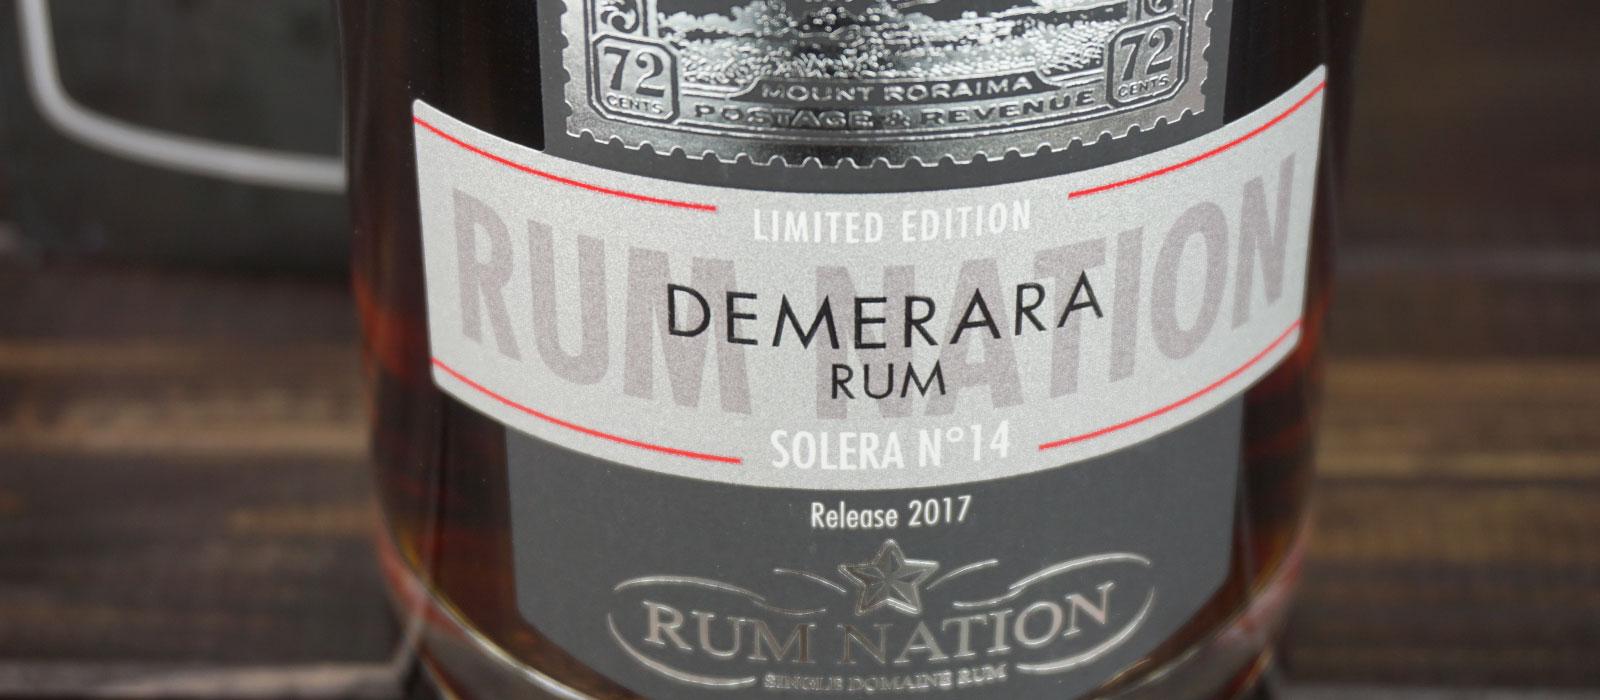 Månadens rom maj 2019: Rum Nation Demerara Solera No. 14 2017